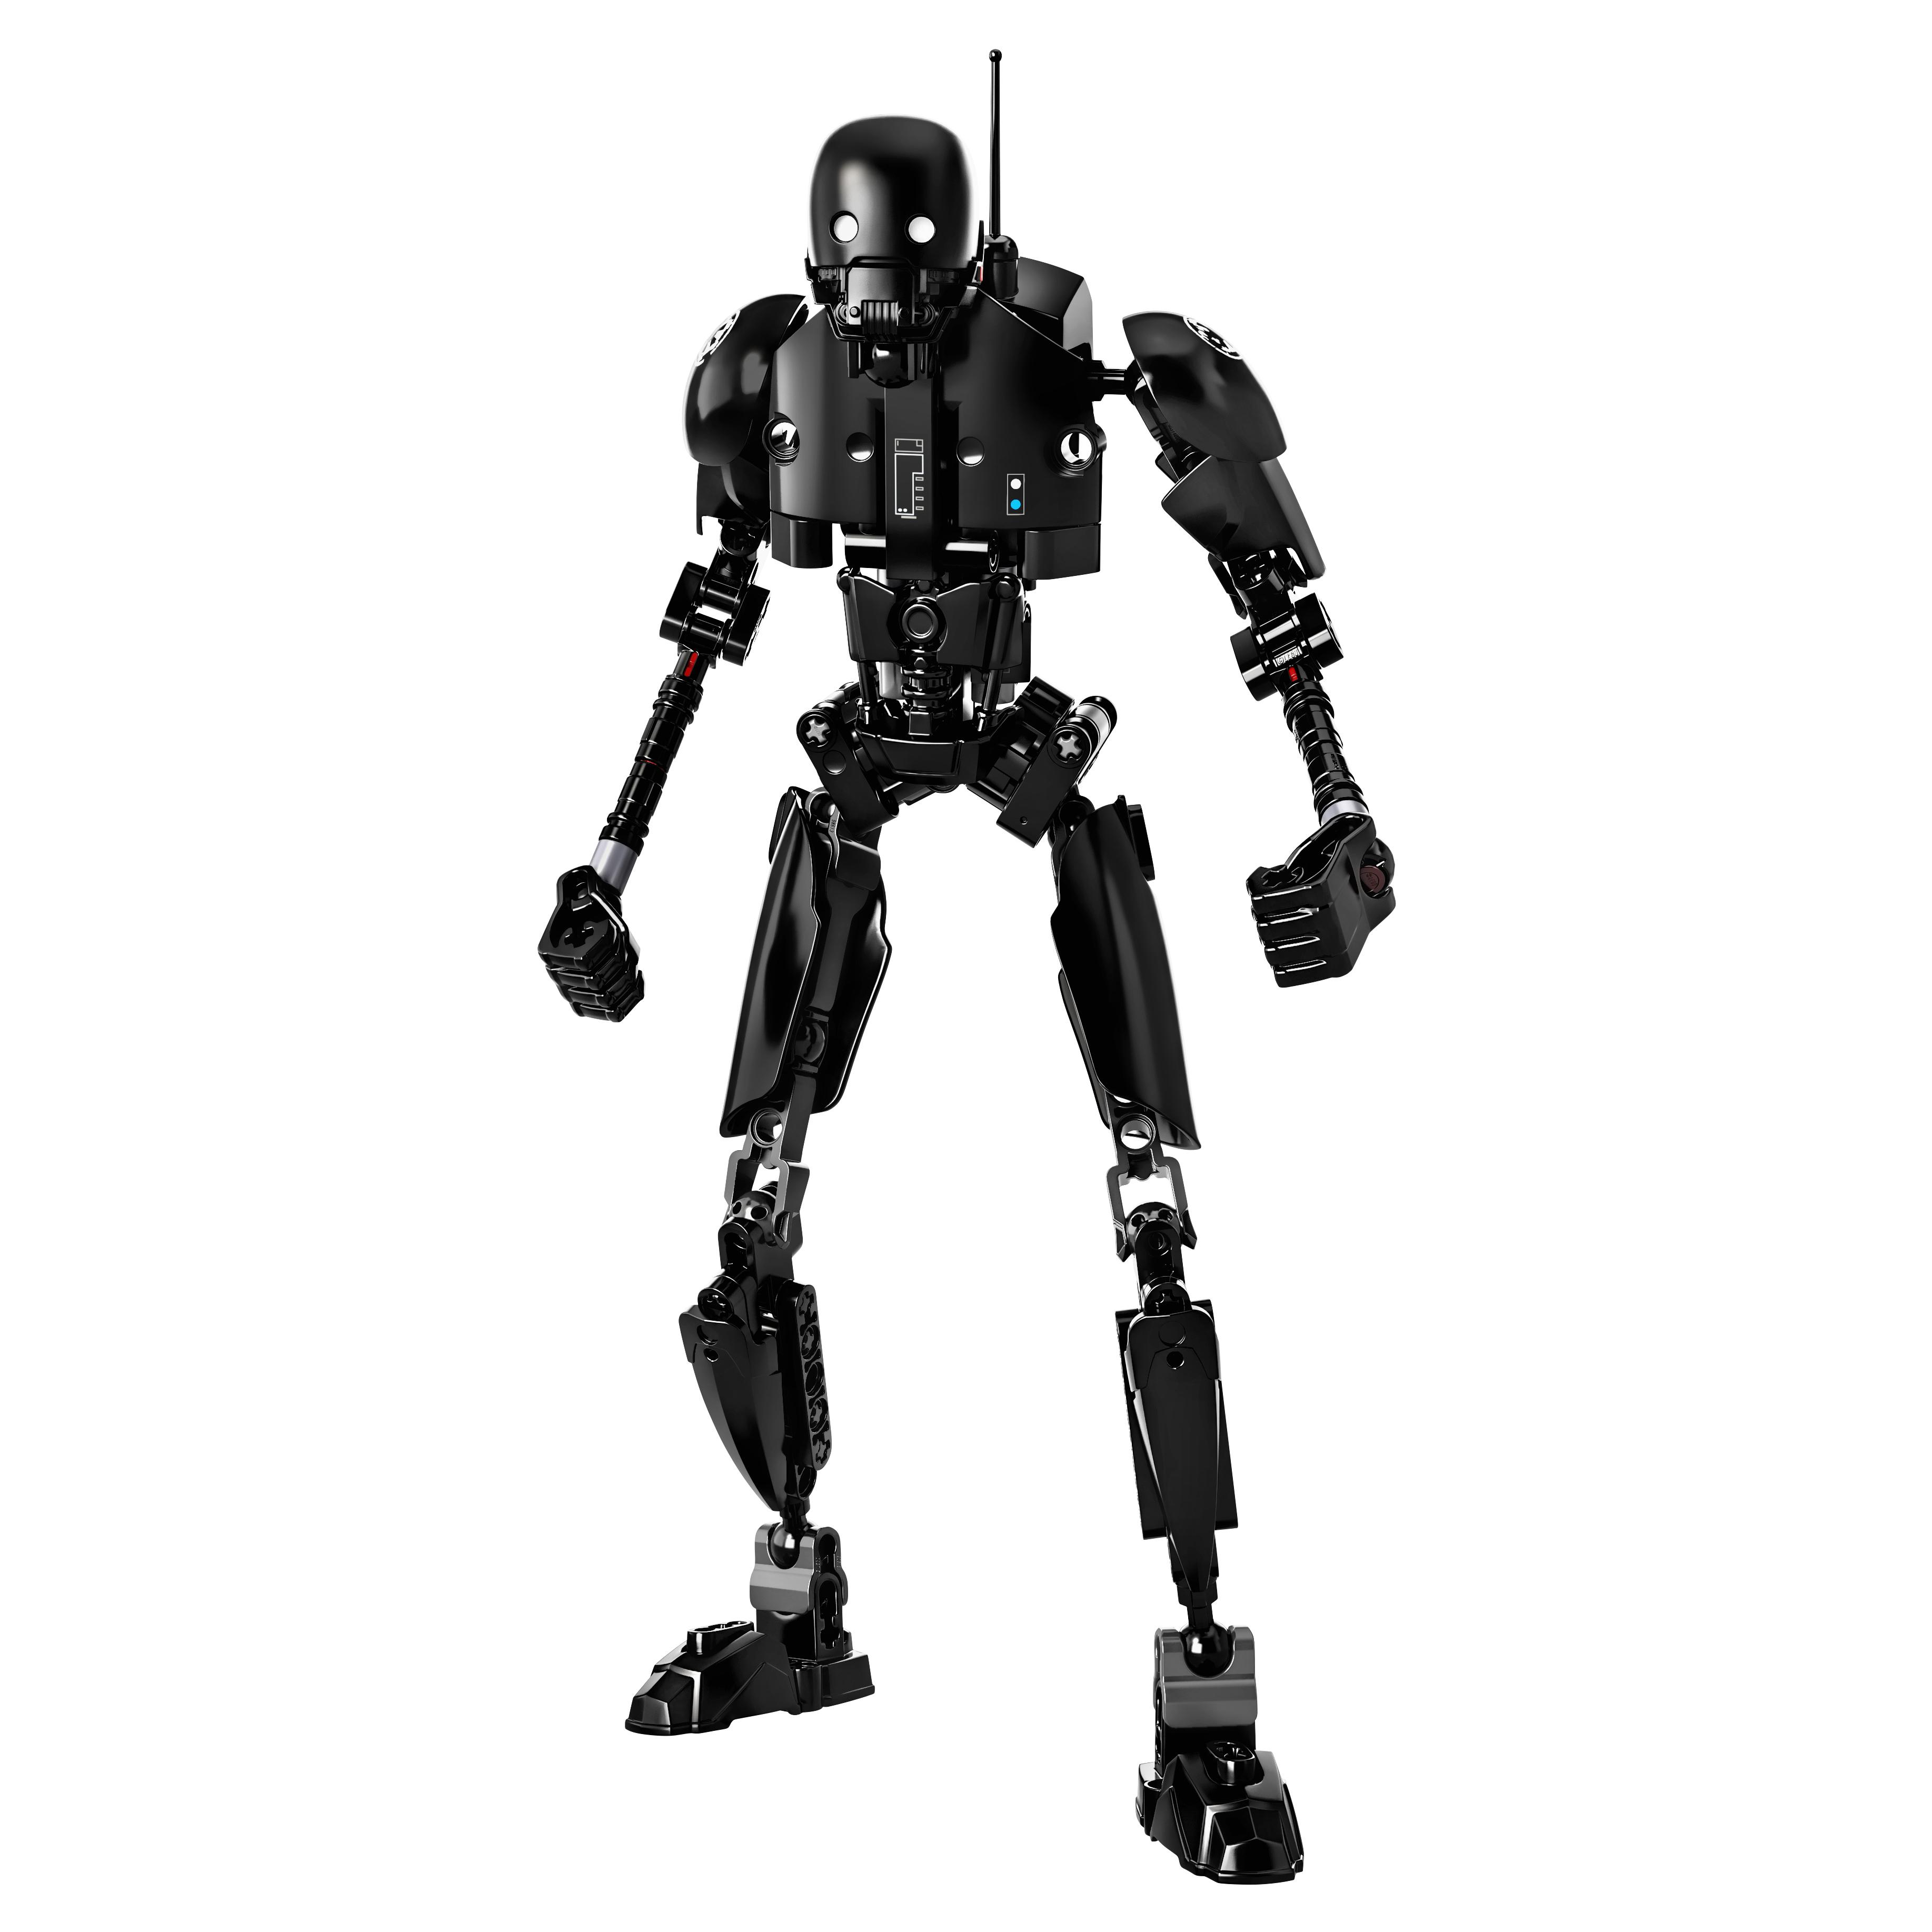 Купить Конструктор lego constraction star wars k-2so 75120, Конструктор LEGO Constraction Star Wars K-2SO (75120), LEGO Star Wars